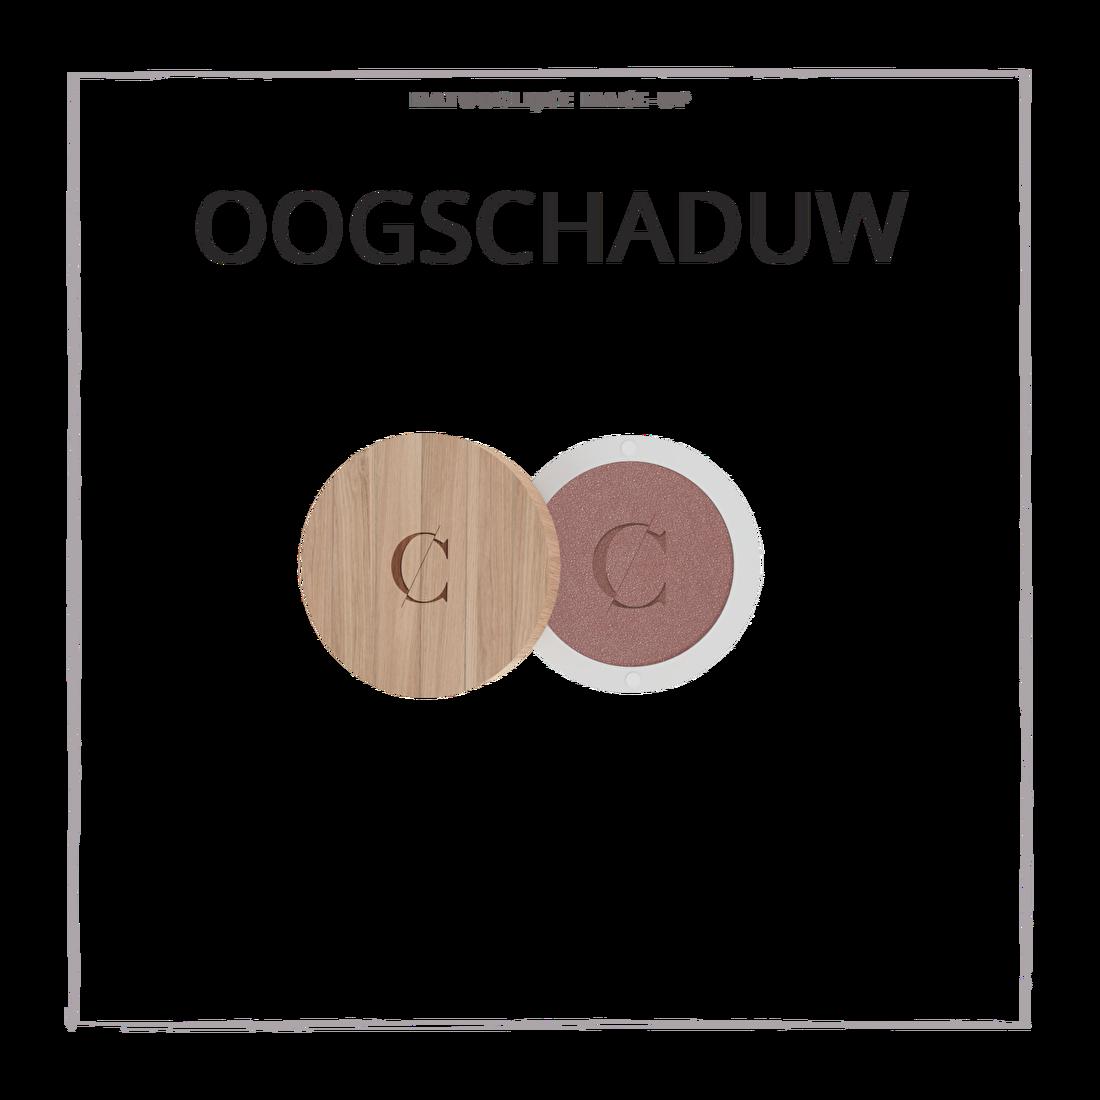 natuurlijke make-up oogschaduw CouleurCaramelmakeup.nl